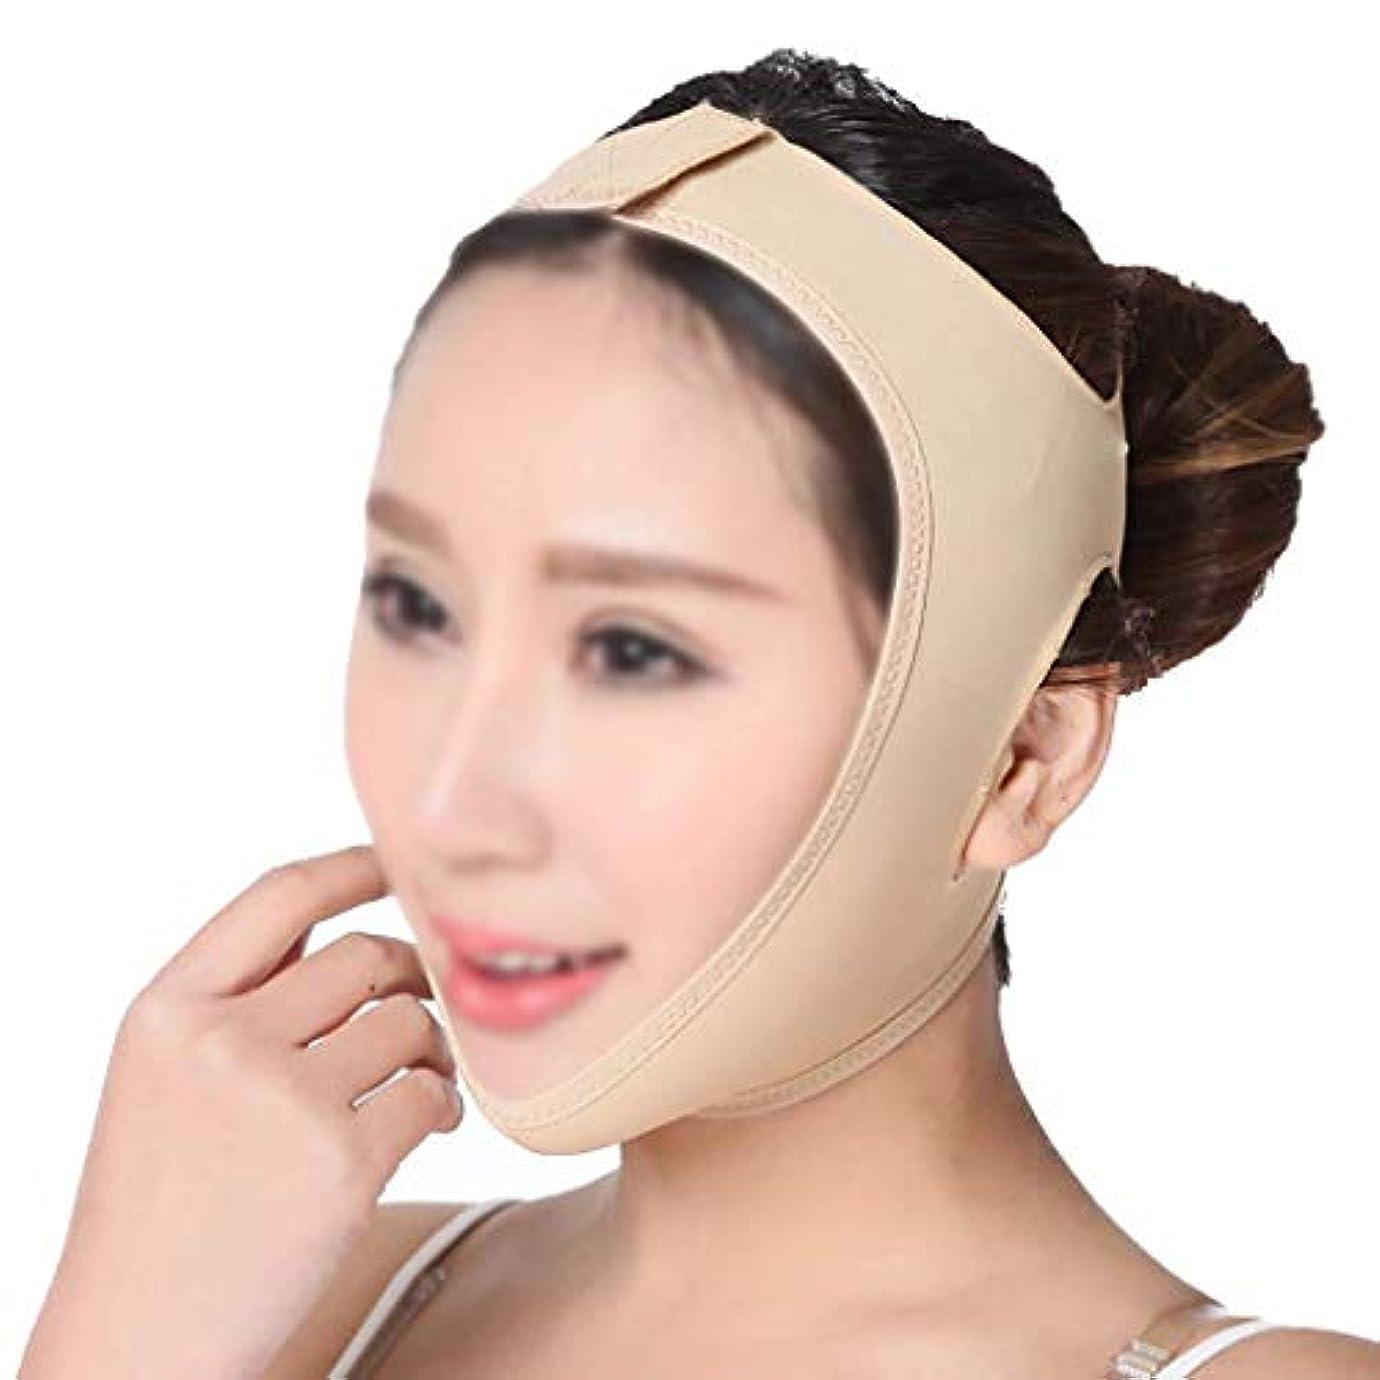 魂アルコール暖かくフェイスリフティングマスク、リフティングチン、フェイシャルスキン、頬垂れ防止、快適で 生地、詰まることを拒否、着用が簡単(サイズ:M),S